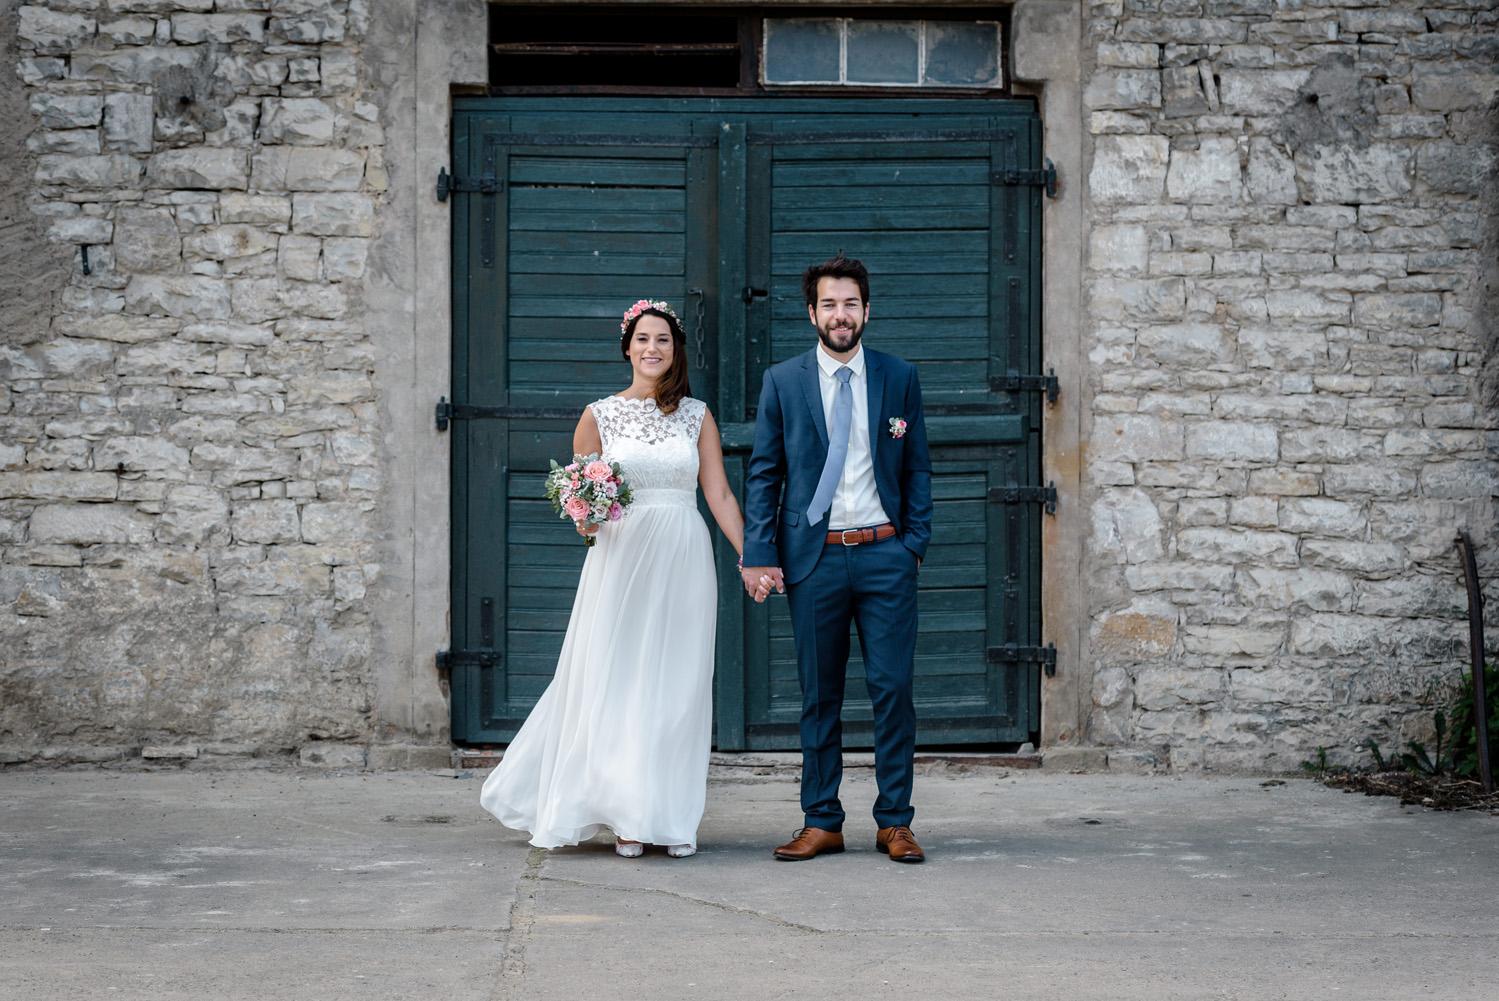 stephaniephilipp_HochzeitsfotografinWuerzburg-MSP_Hochzeitsreportage_K+T_Himmelstadt+Thuengen (4)